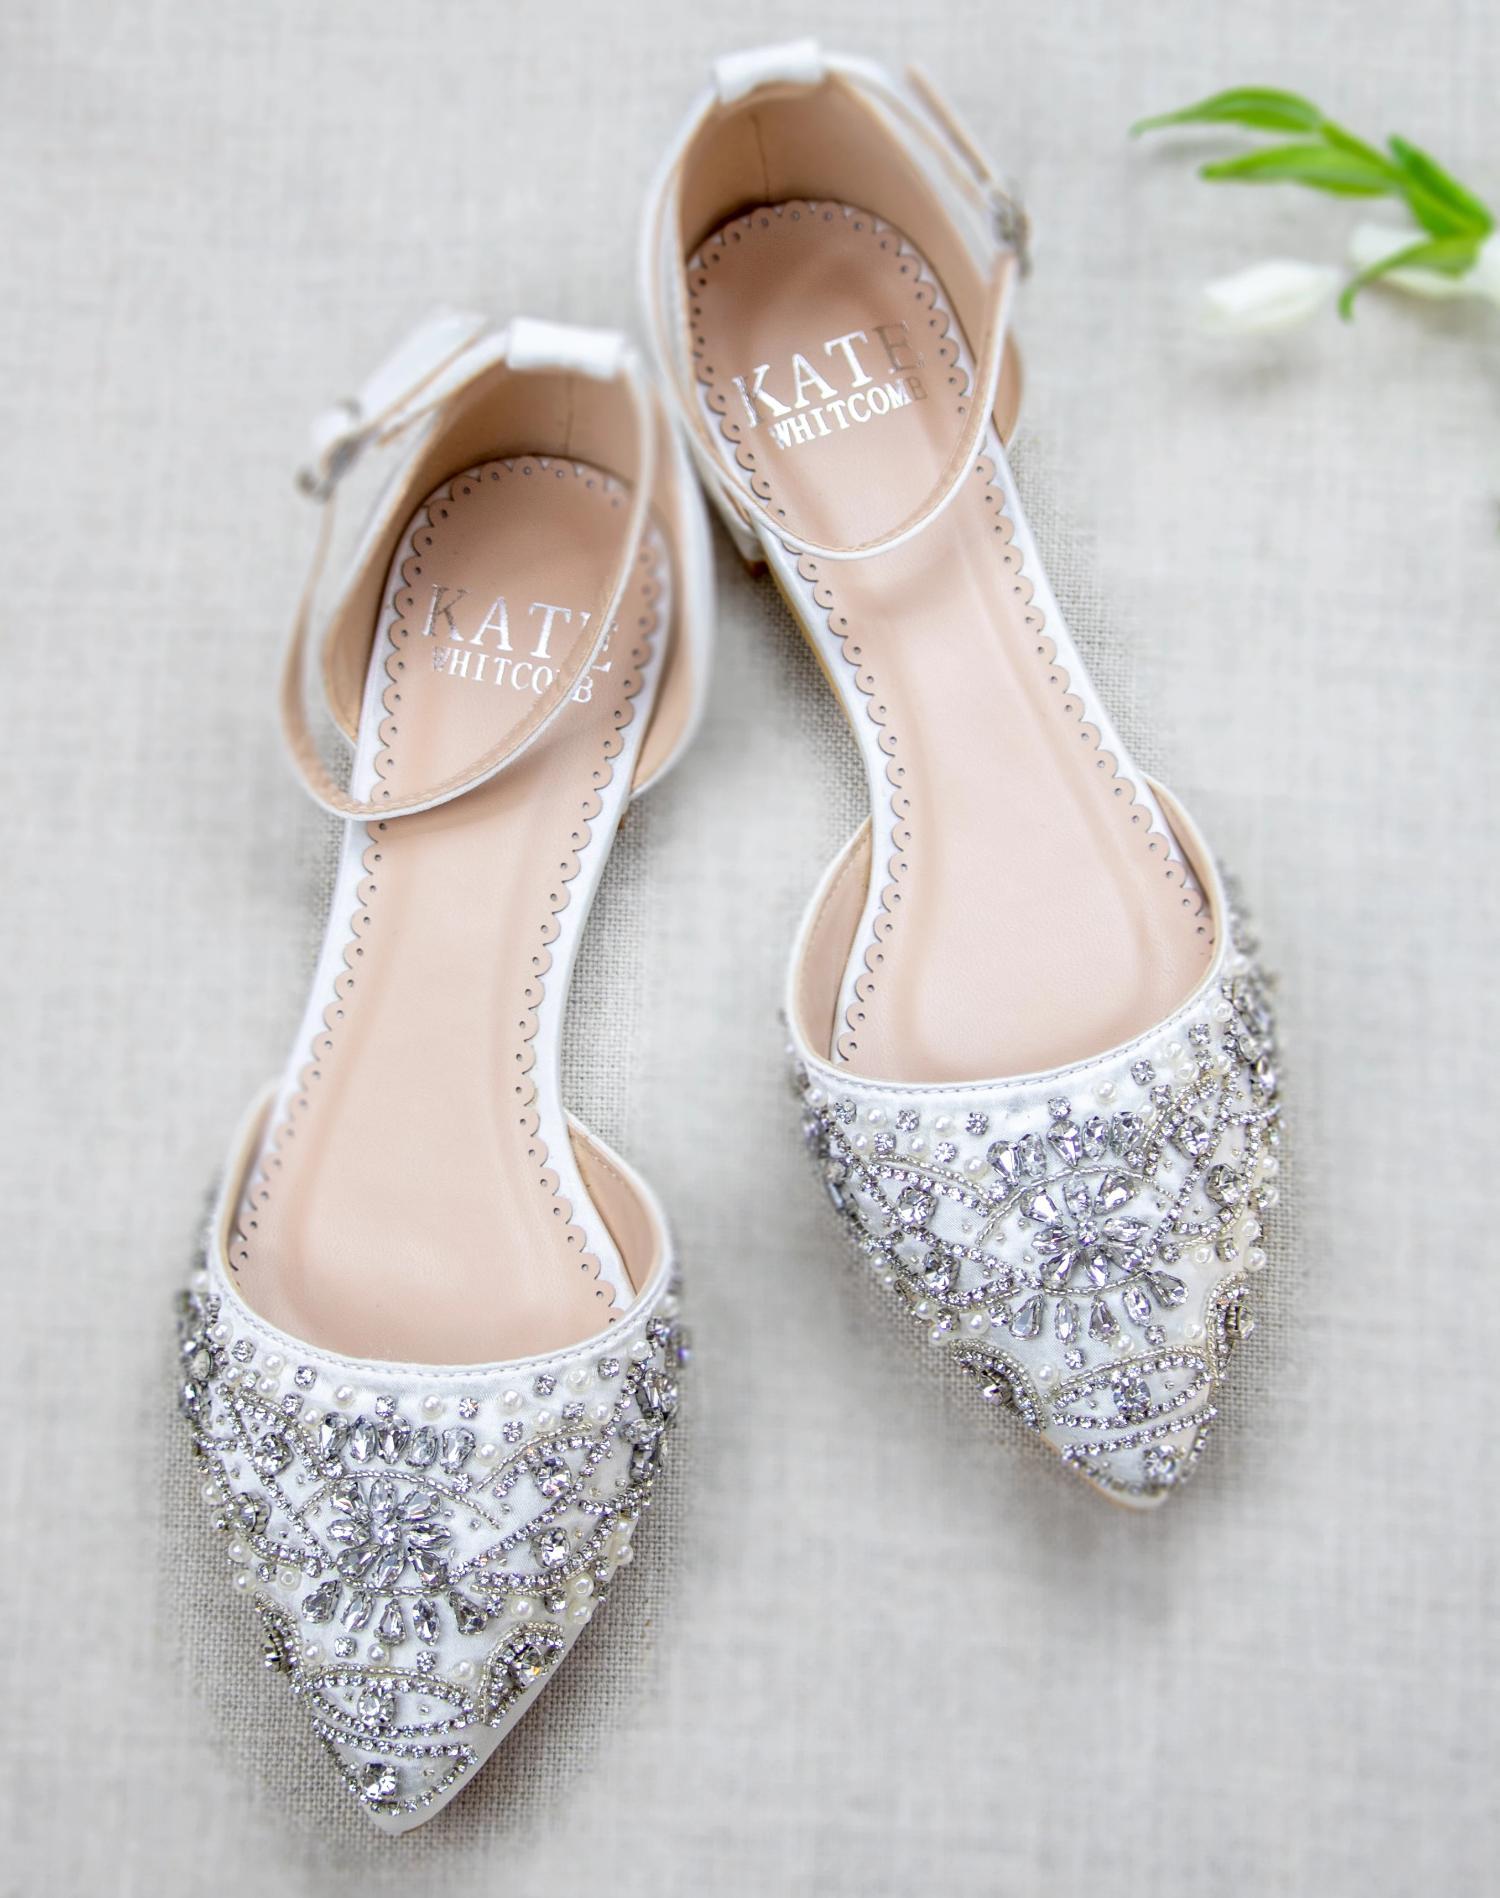 Madison Ivory Wedding Shoes Block Heel Bridal Shoes Flats Ivory Bridal Shoes